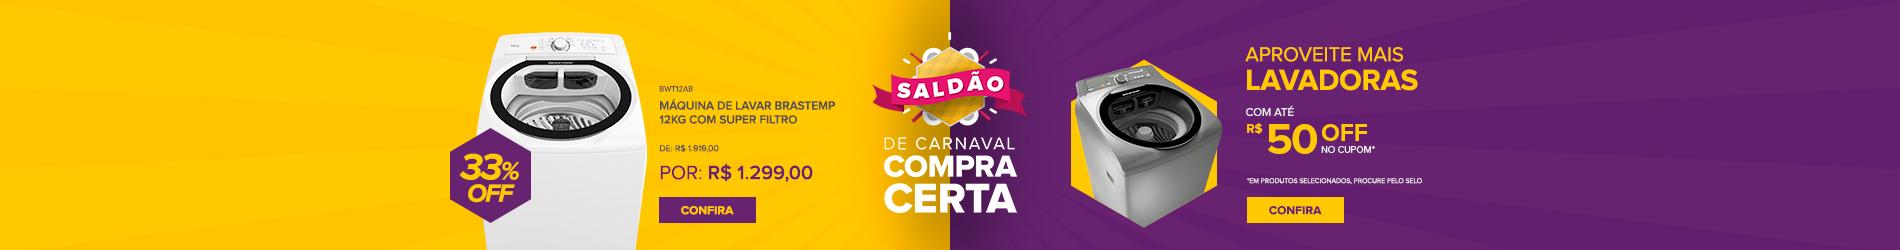 Promoção Interna - 2256 - saldao-carnaval_BWT12AB-cupomlavadoras-duplo_14022018_home6 - BWT12AB-cupomlavadoras-duplo - 6